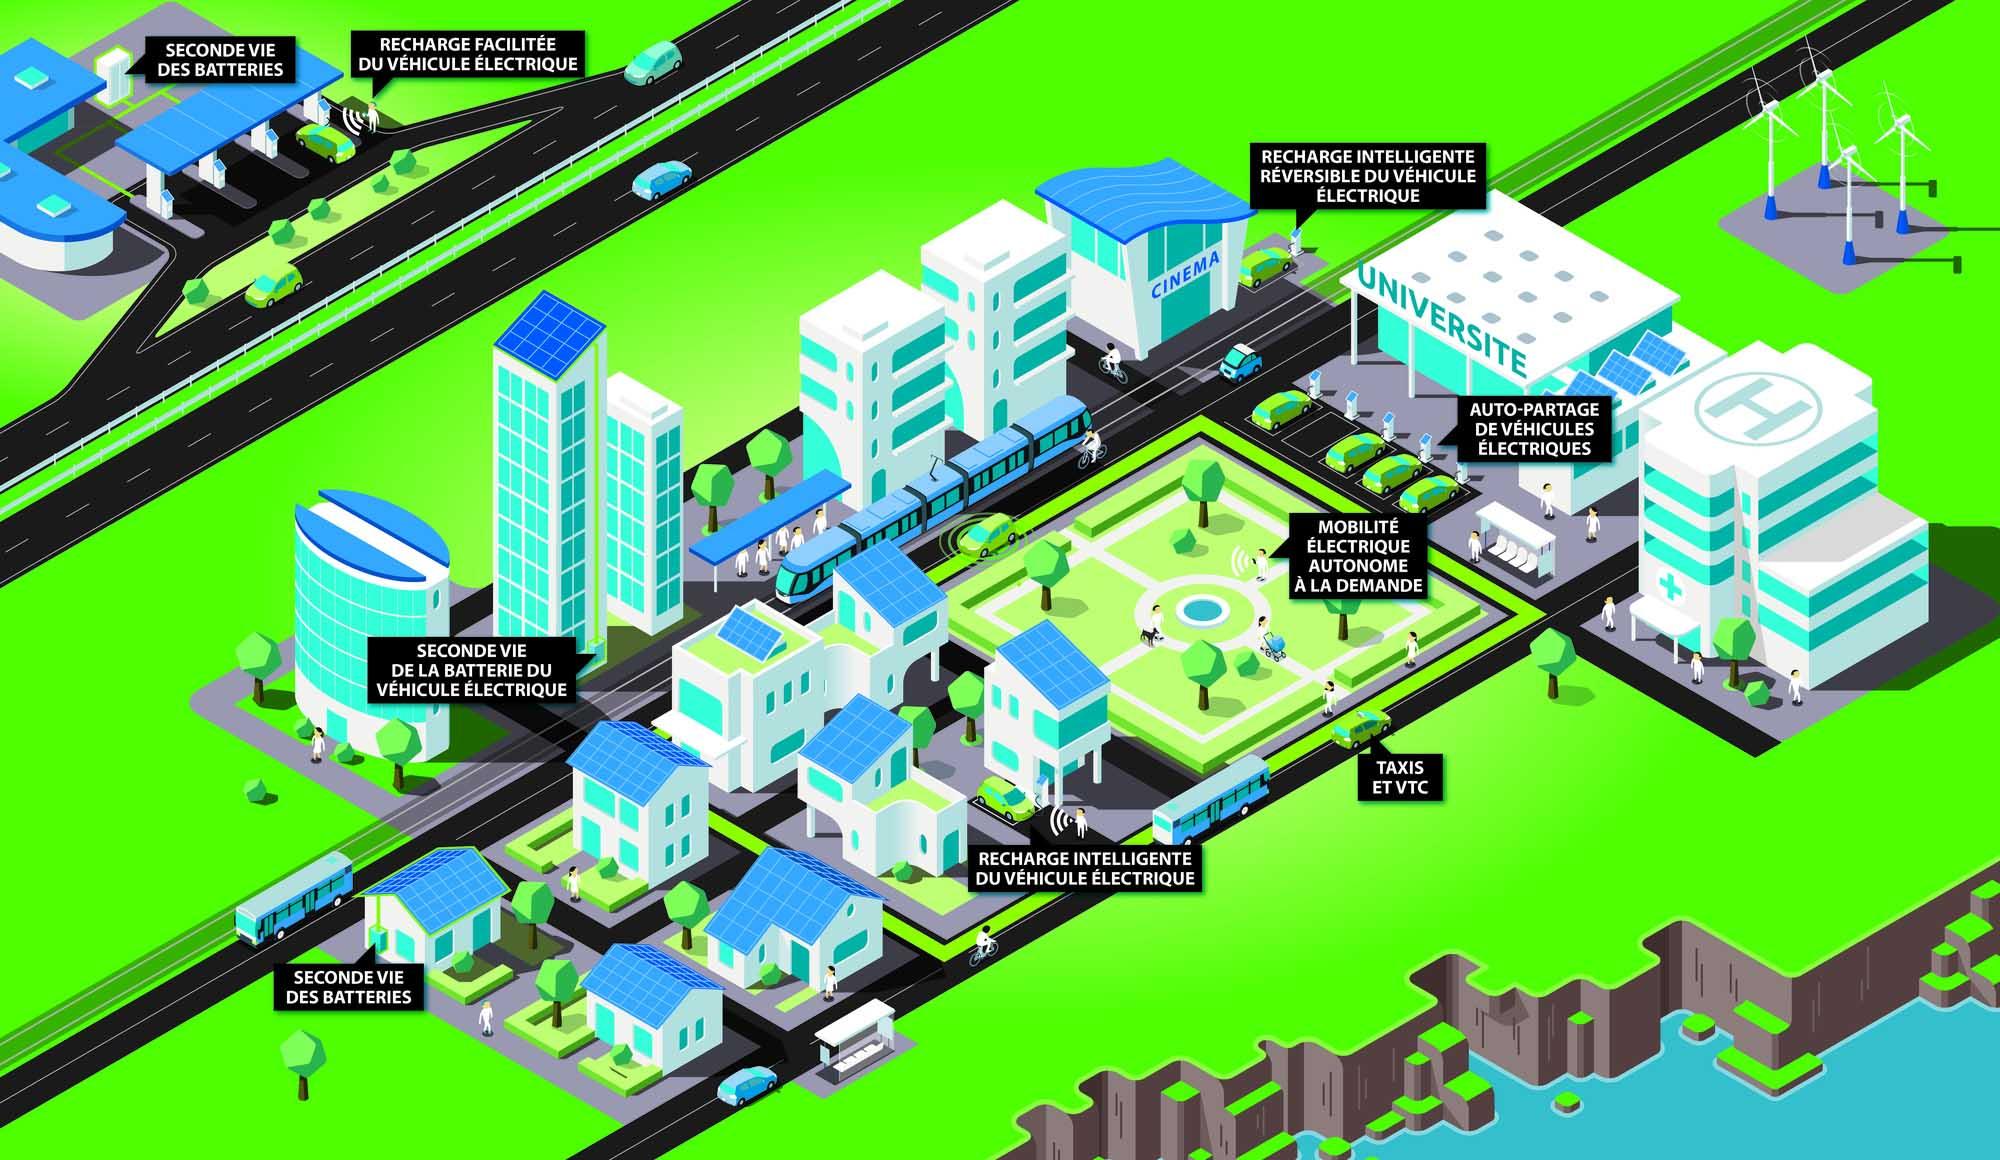 ecosysteme des nouvelles mobilites electriques smart city